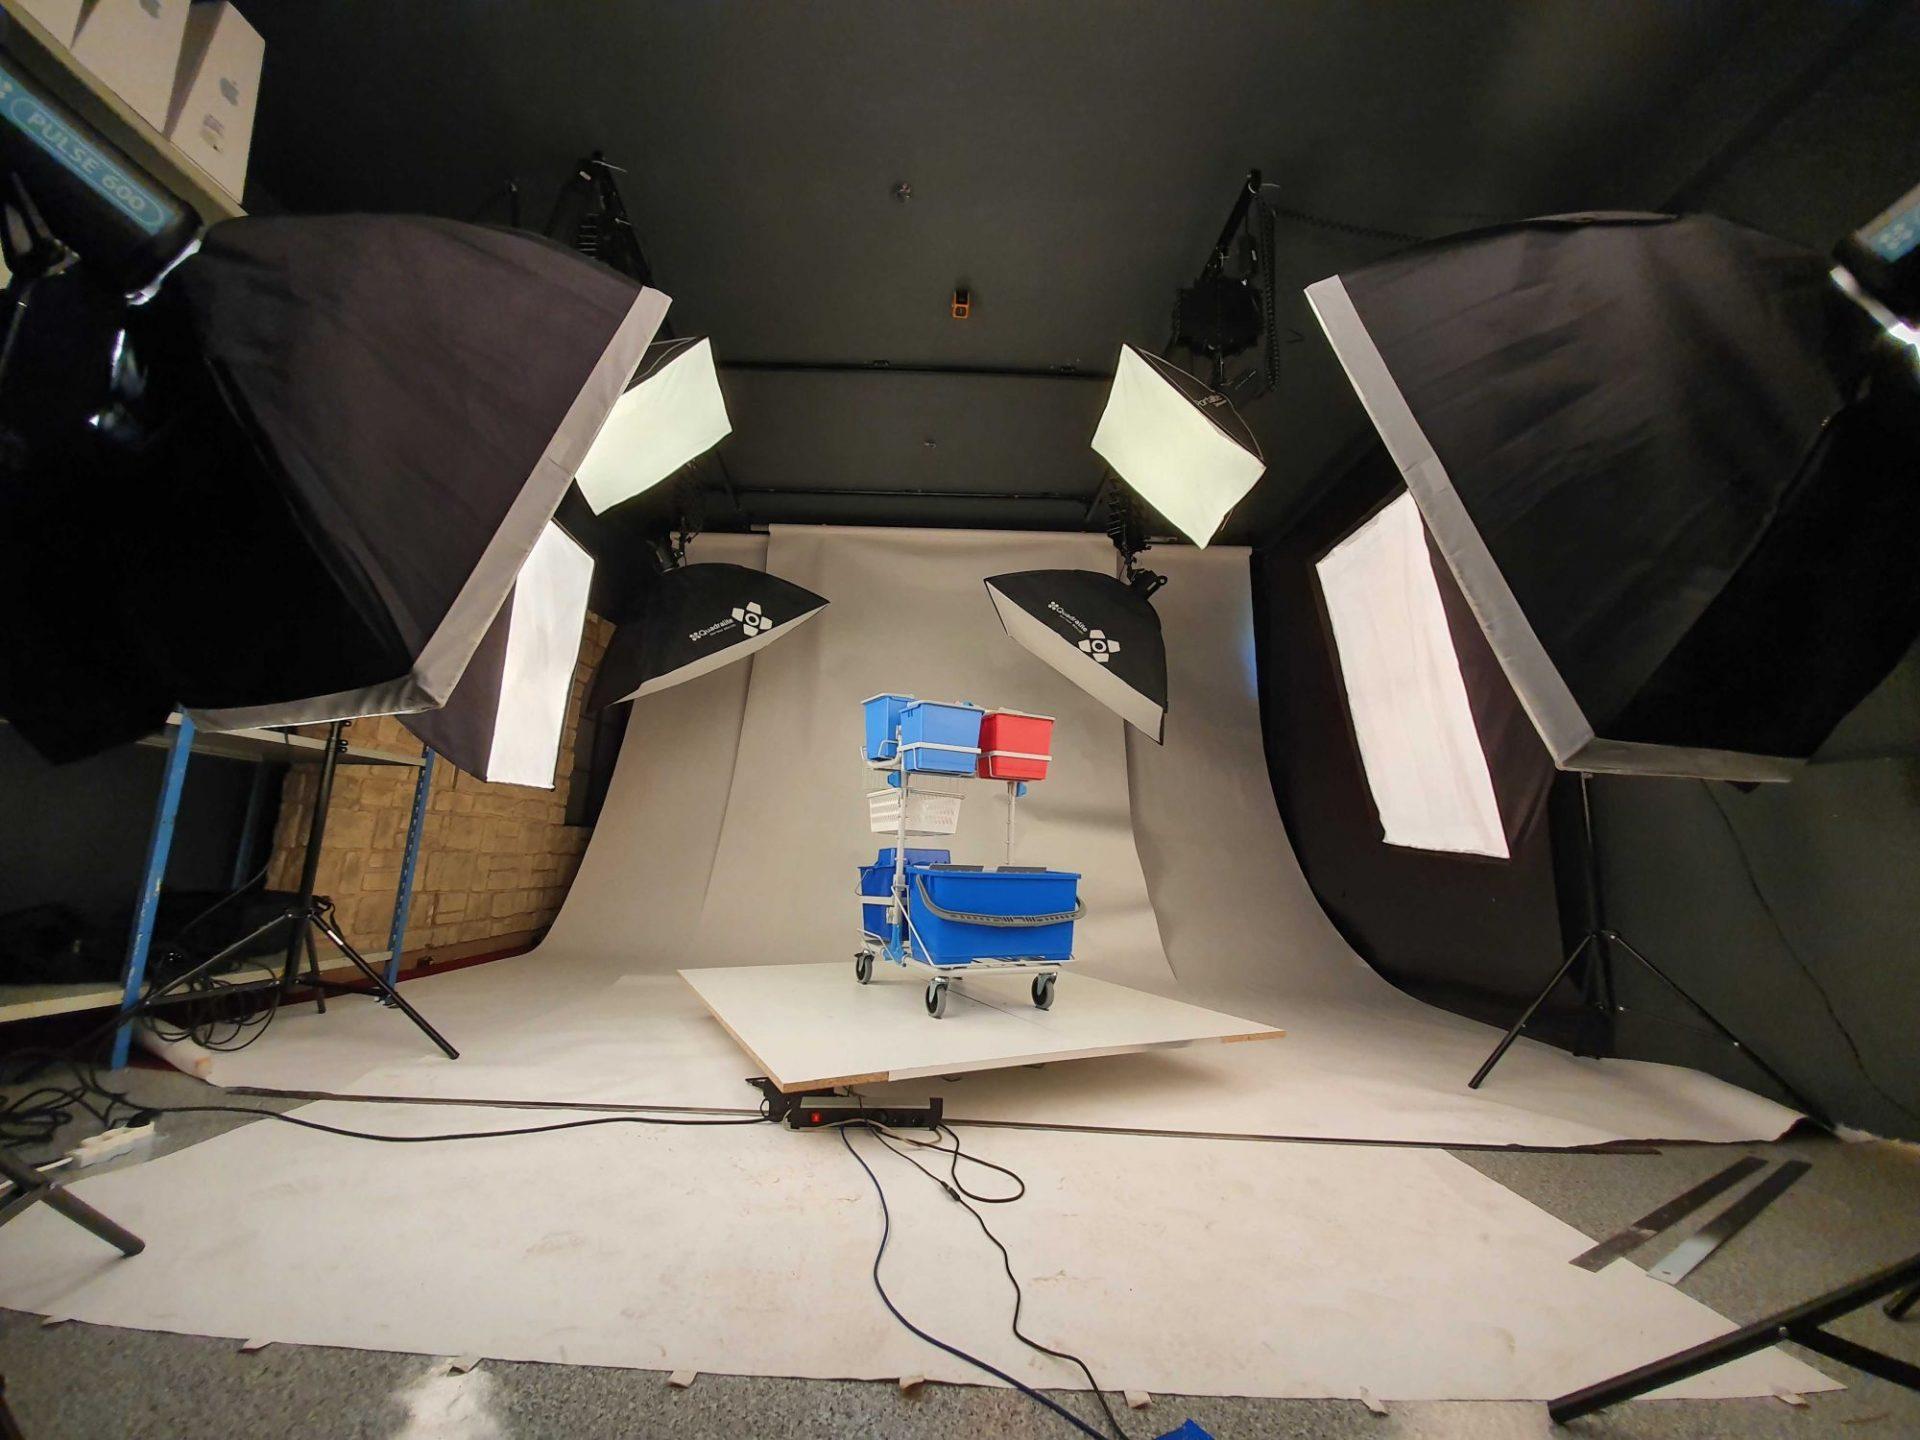 Studio mobilne - zdjęcia produktowe realizujemy nie tylko na Poznań.